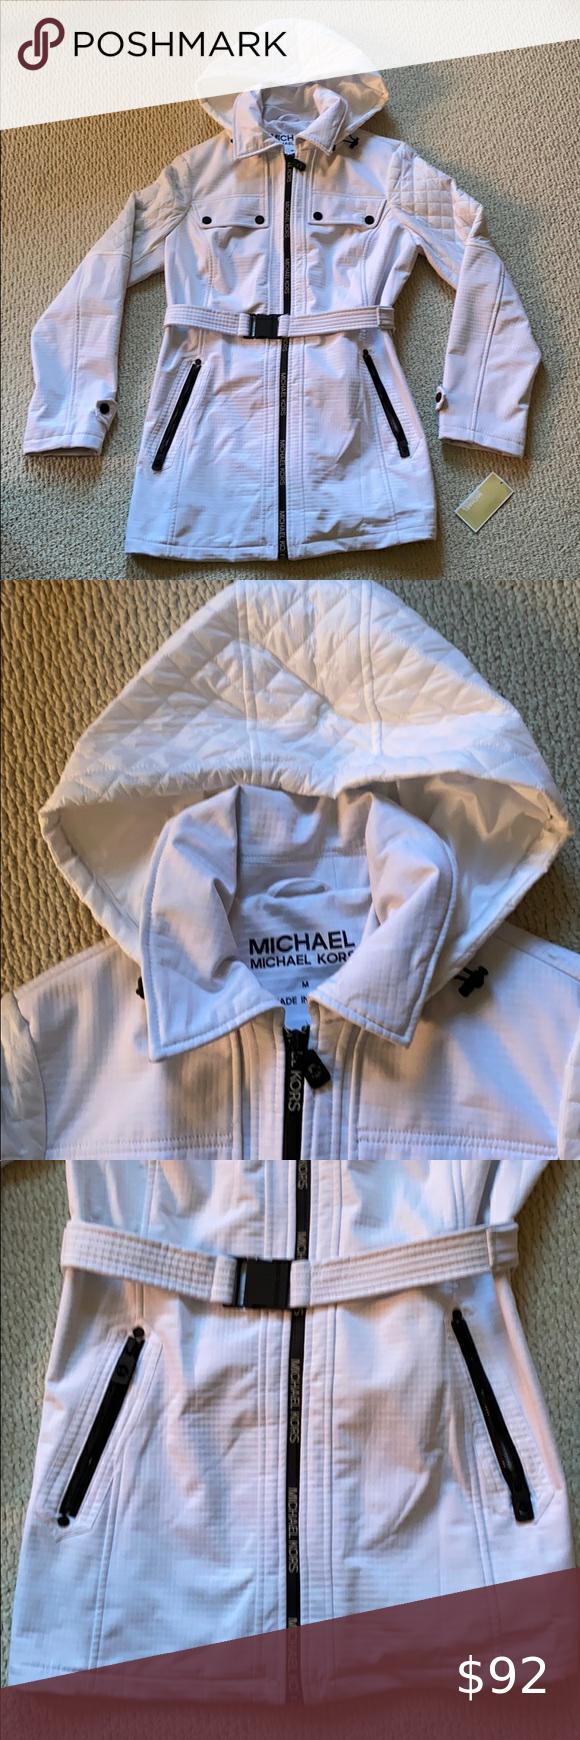 Michael Kors White Spring Jacket Coat Belted New Michael Kors Jackets Michael Kors Fall Coat [ 1740 x 580 Pixel ]